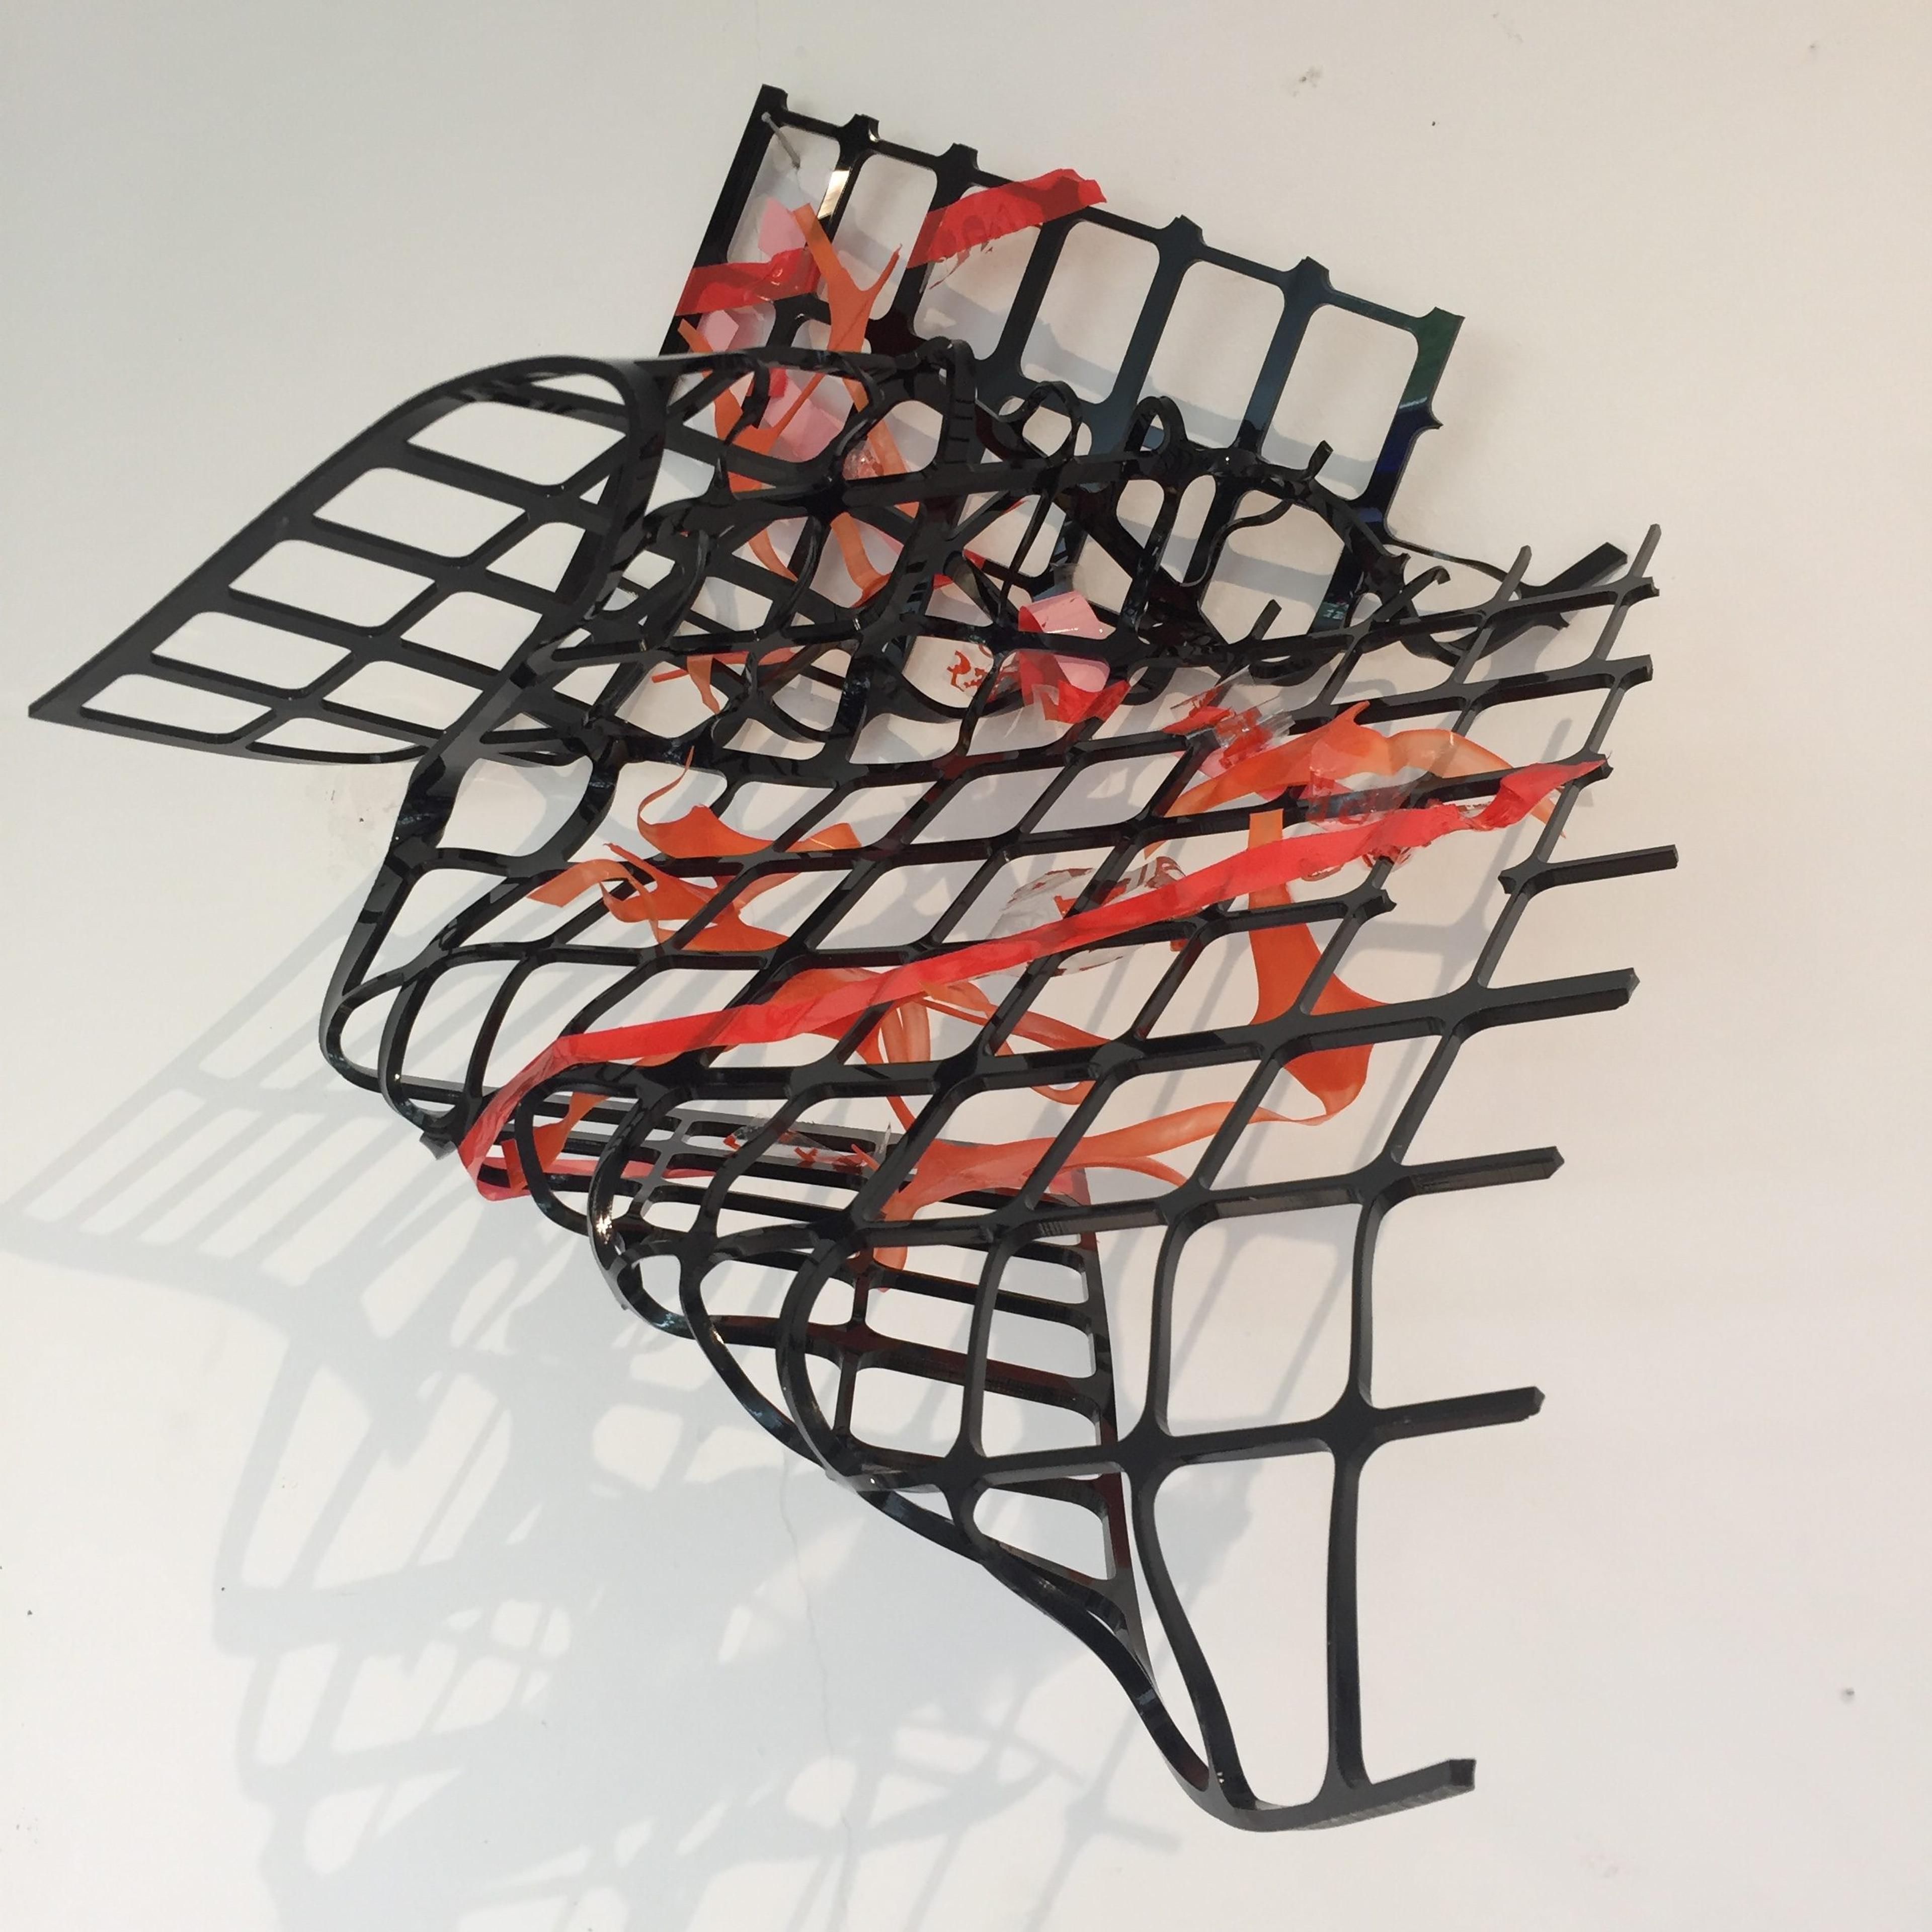 artwork black grid by Gabriele Walter